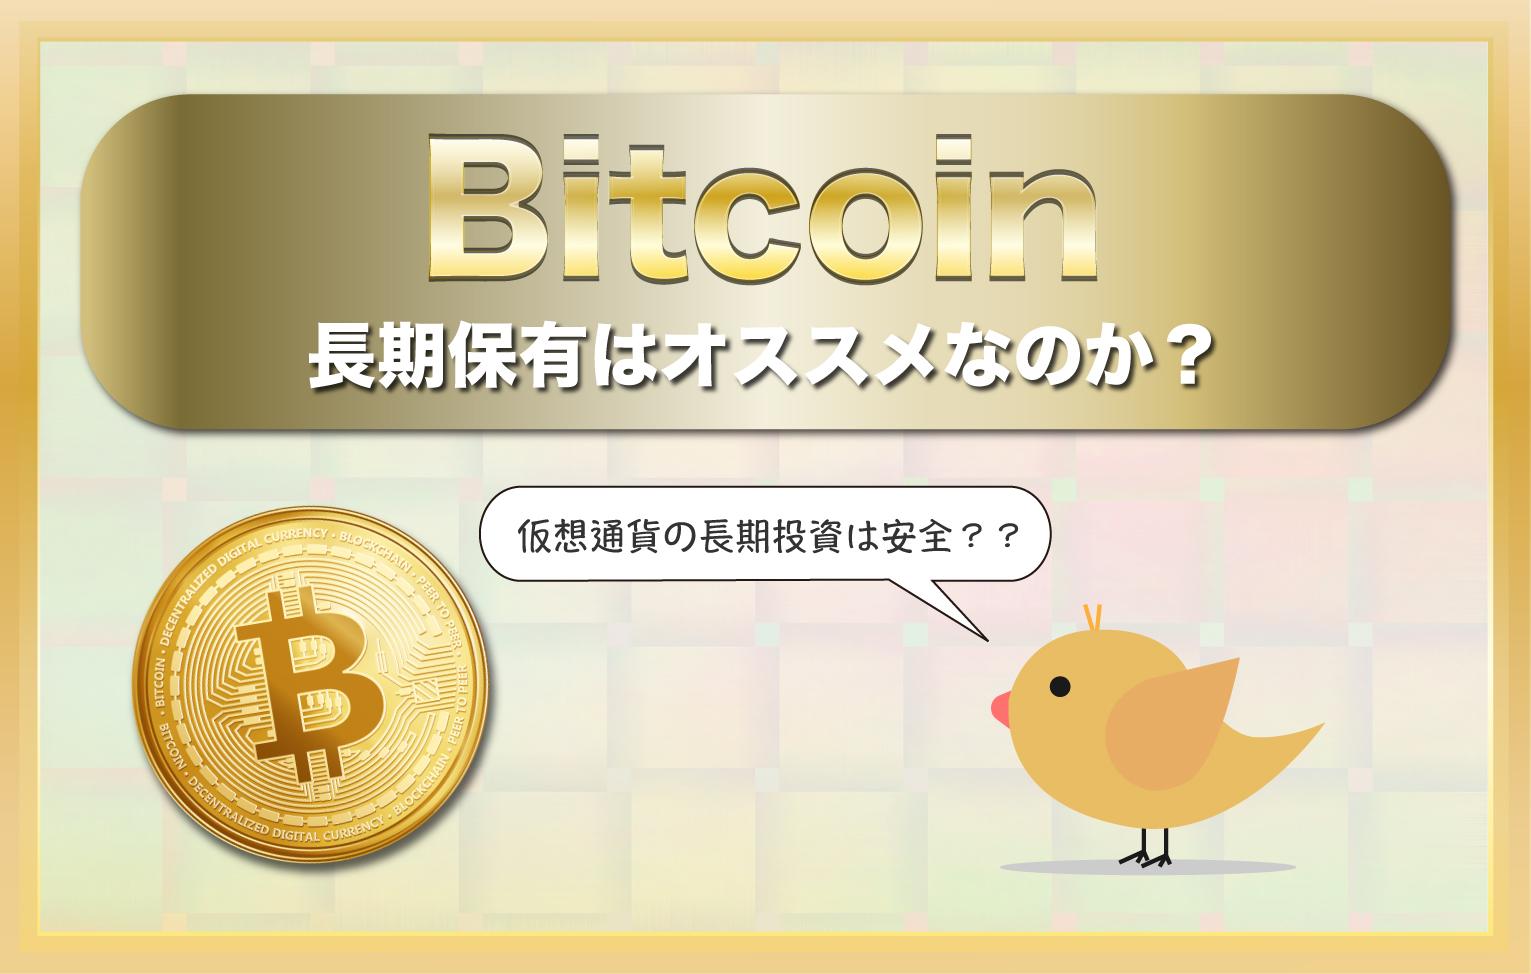 ビットコイン(Bitcoin)の長期保有はおすすめか?